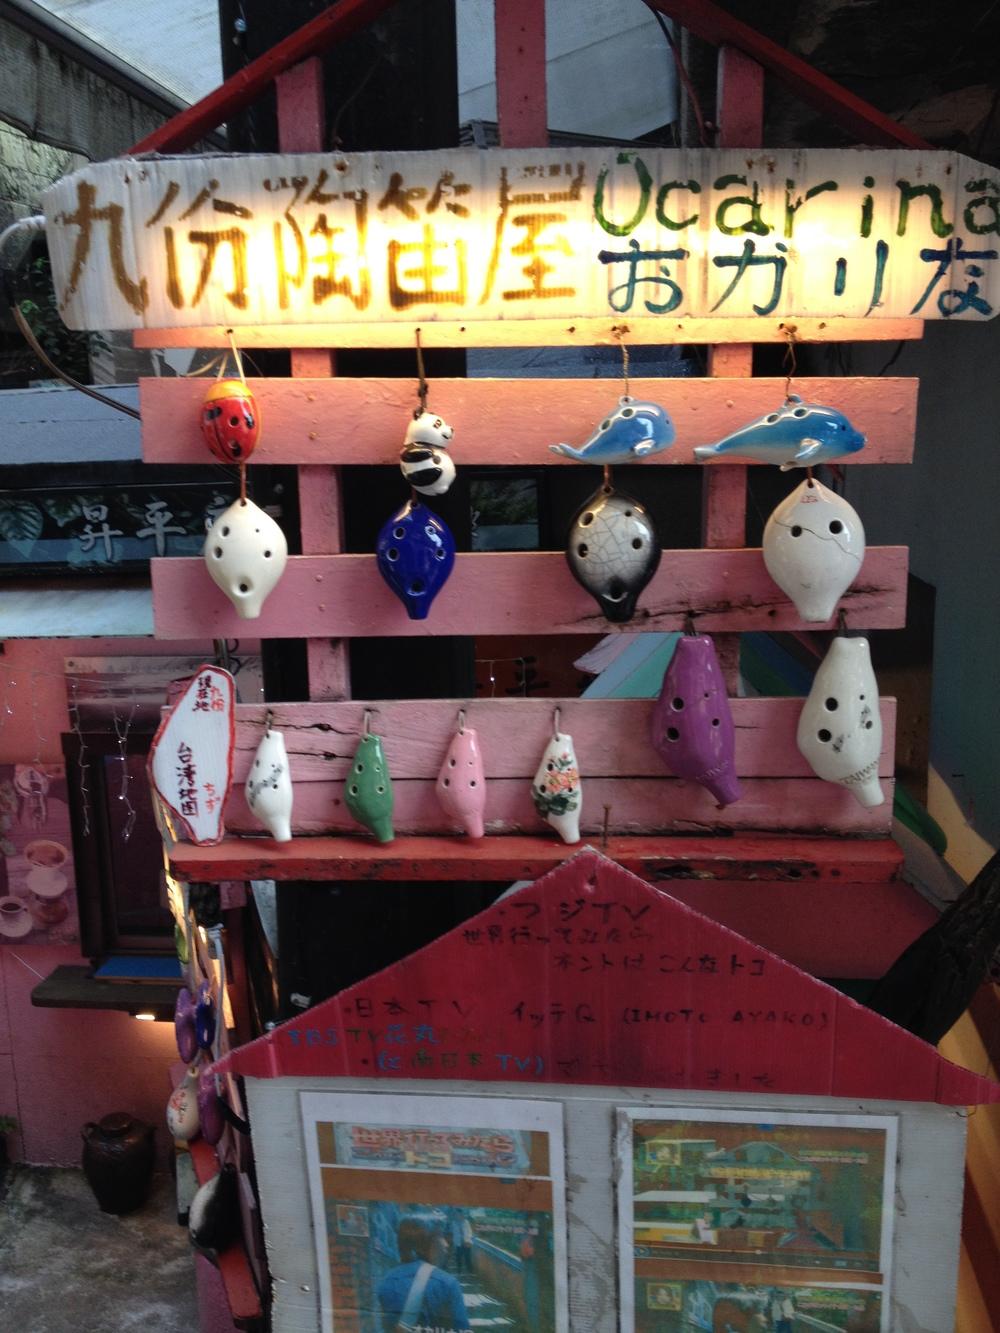 Ocarina shop.